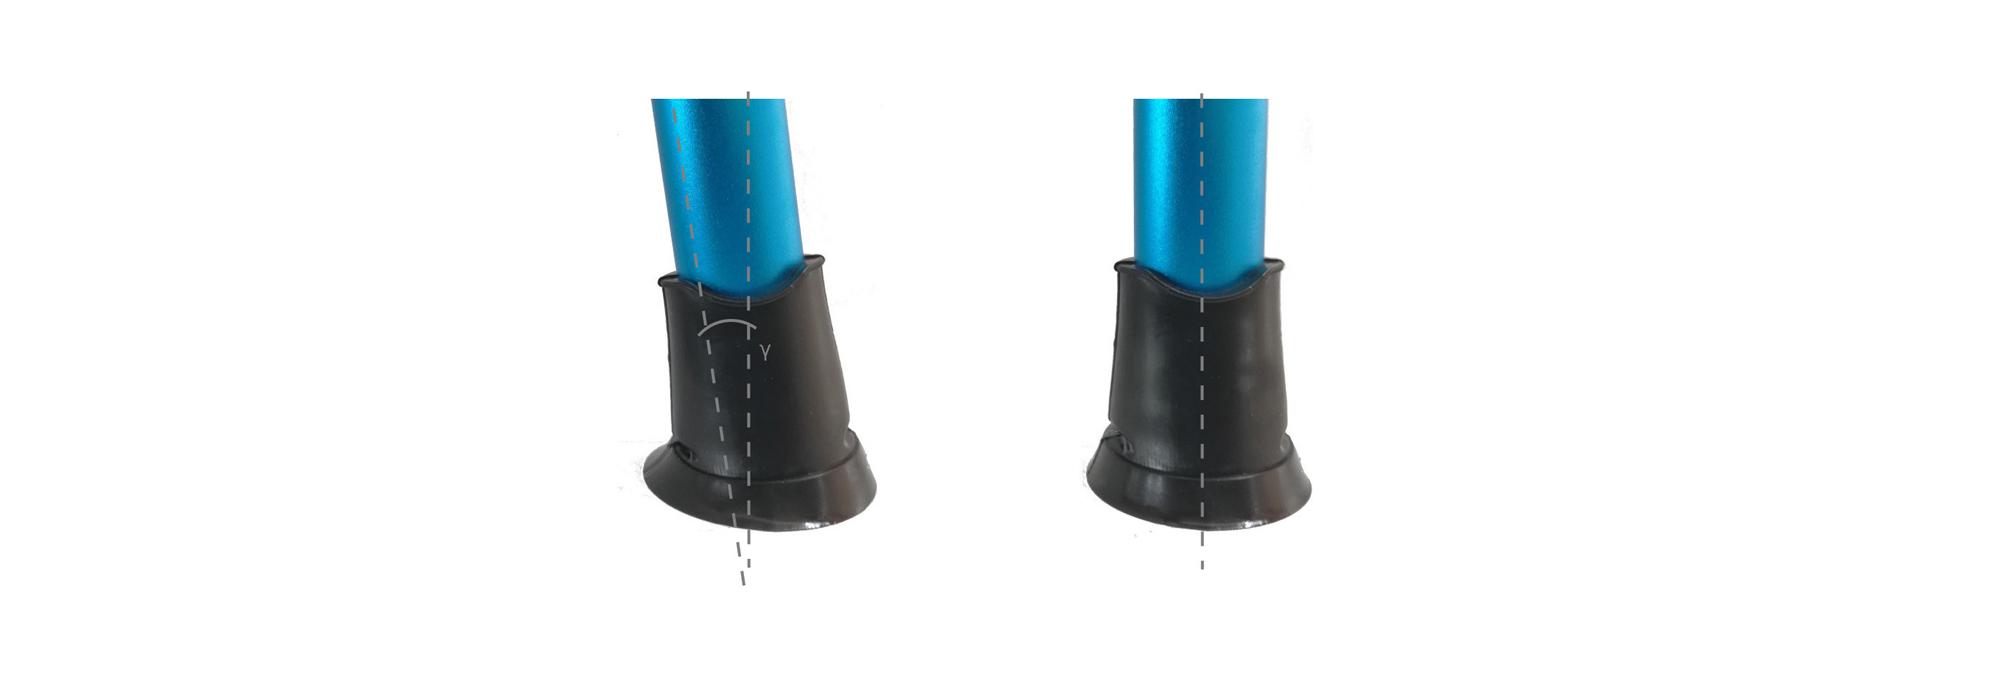 Krückenkapseln rutschfest. Der maximale Kontaktwinkel, der als der maximale Neigungswinkel der Stange definiert ist, ermöglicht dass die Gesamtfläche der Basis der Kapsel jederzeit mit maximalem Bodenkontakt gehalten werden kann